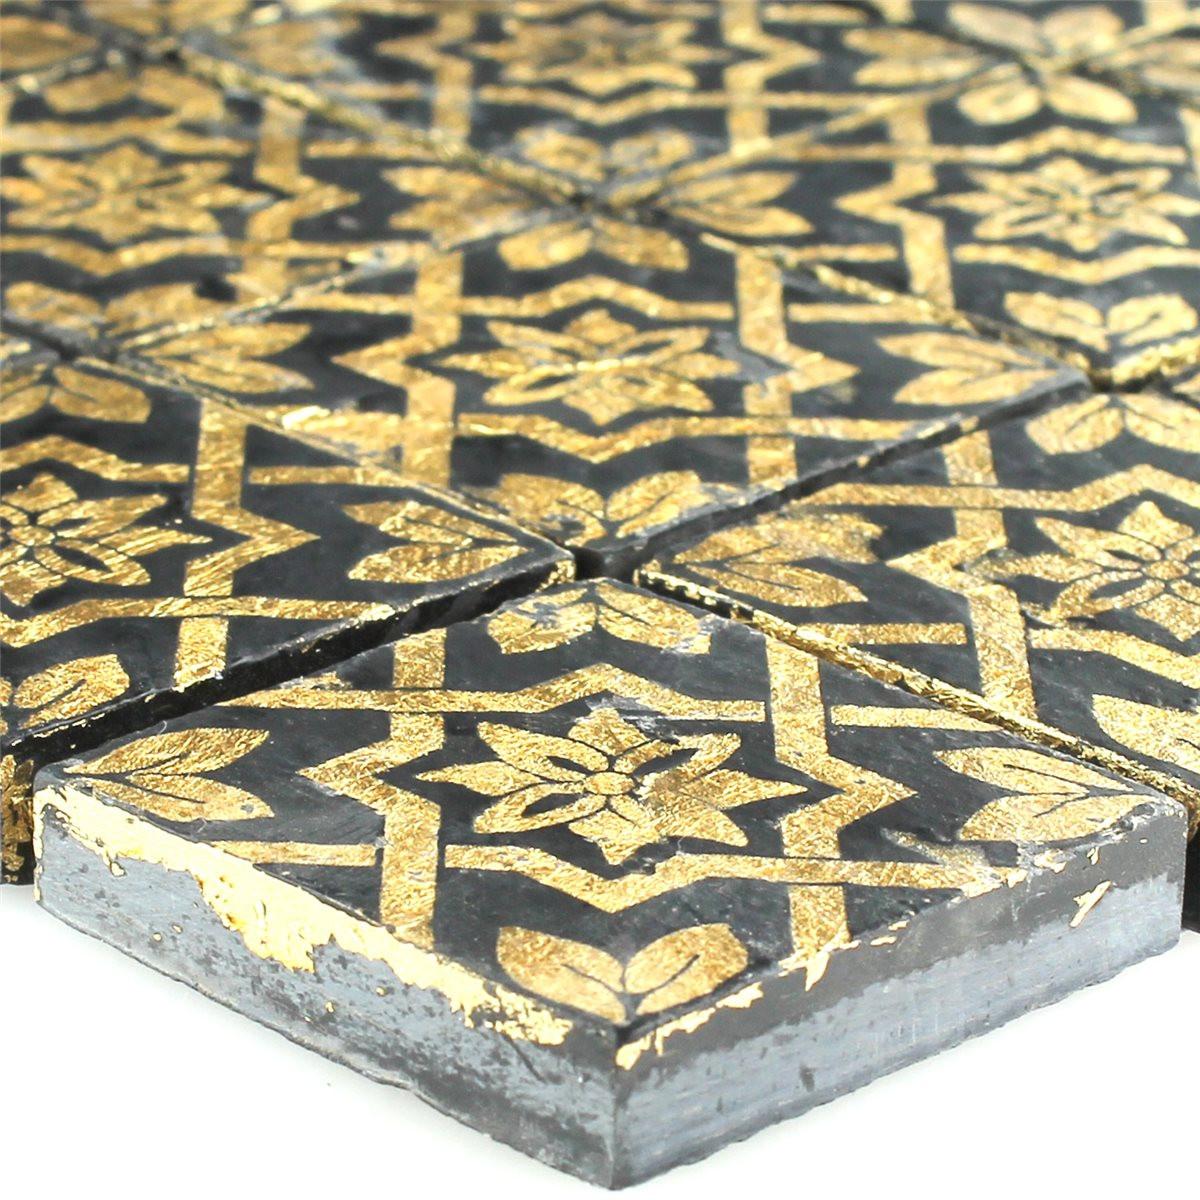 Fliesen Mosaik  Schiefer Mosaik Fliese Blattgold Schwarz LZ m